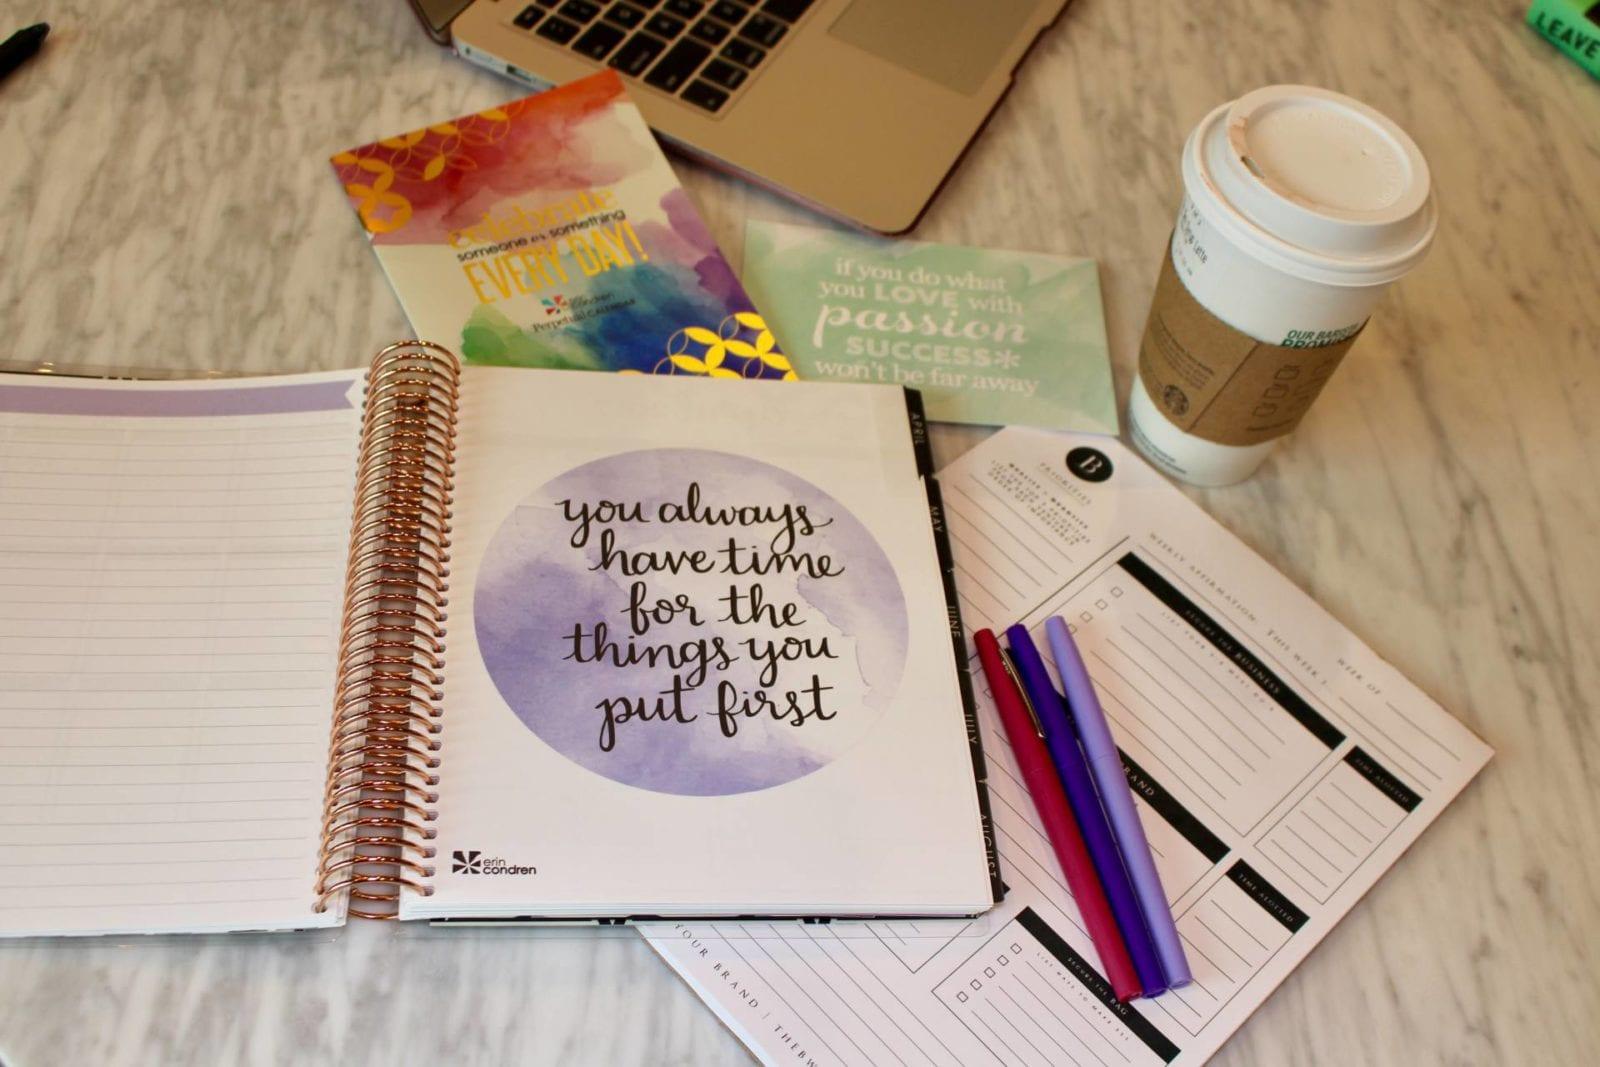 Getting Organized with Erin Condren | The B Werd